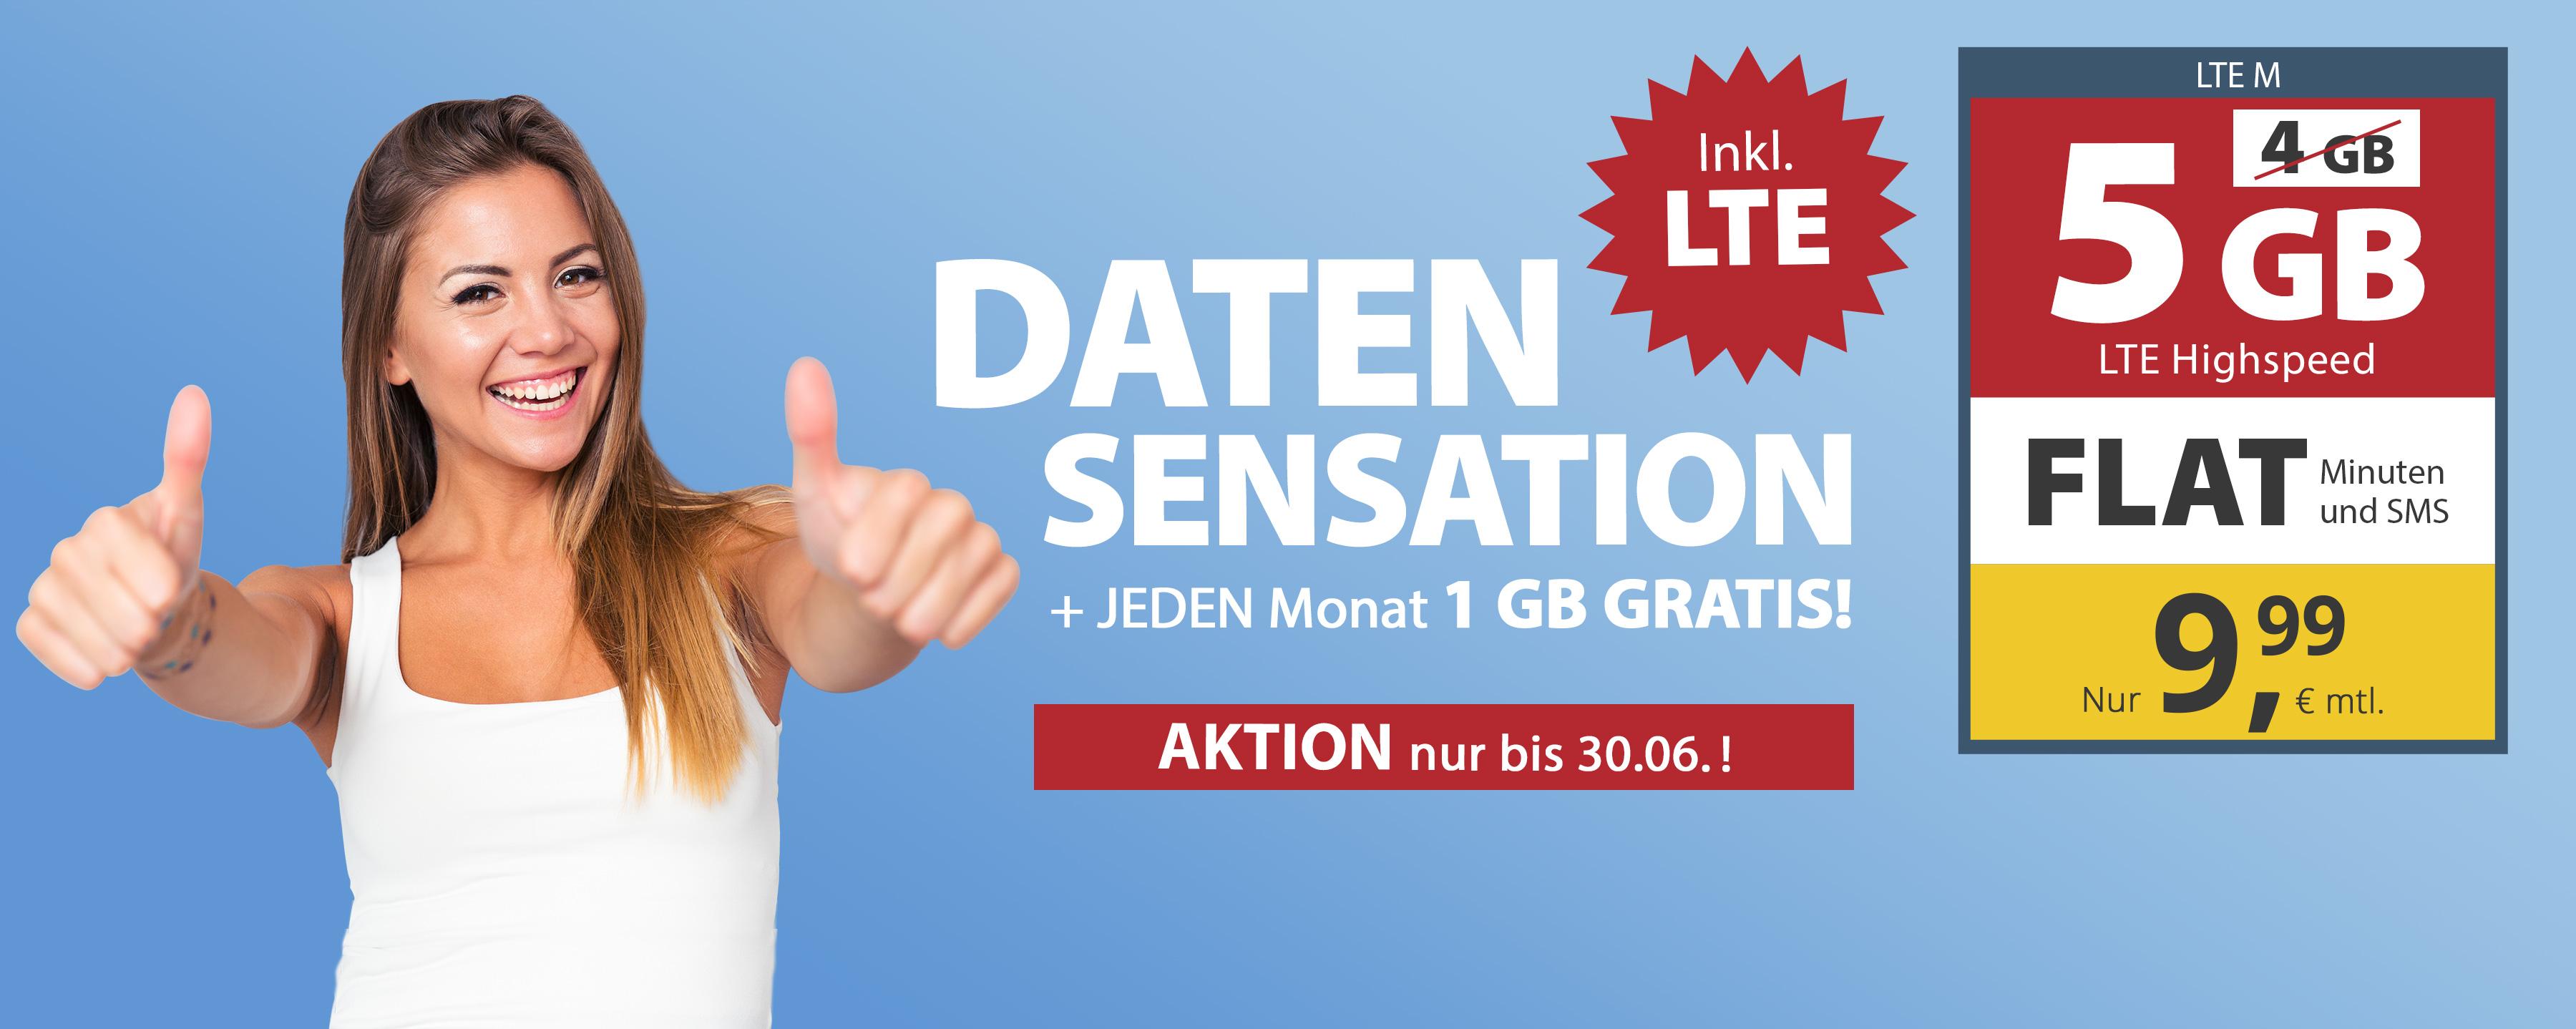 AKTION 1 GB Gratis